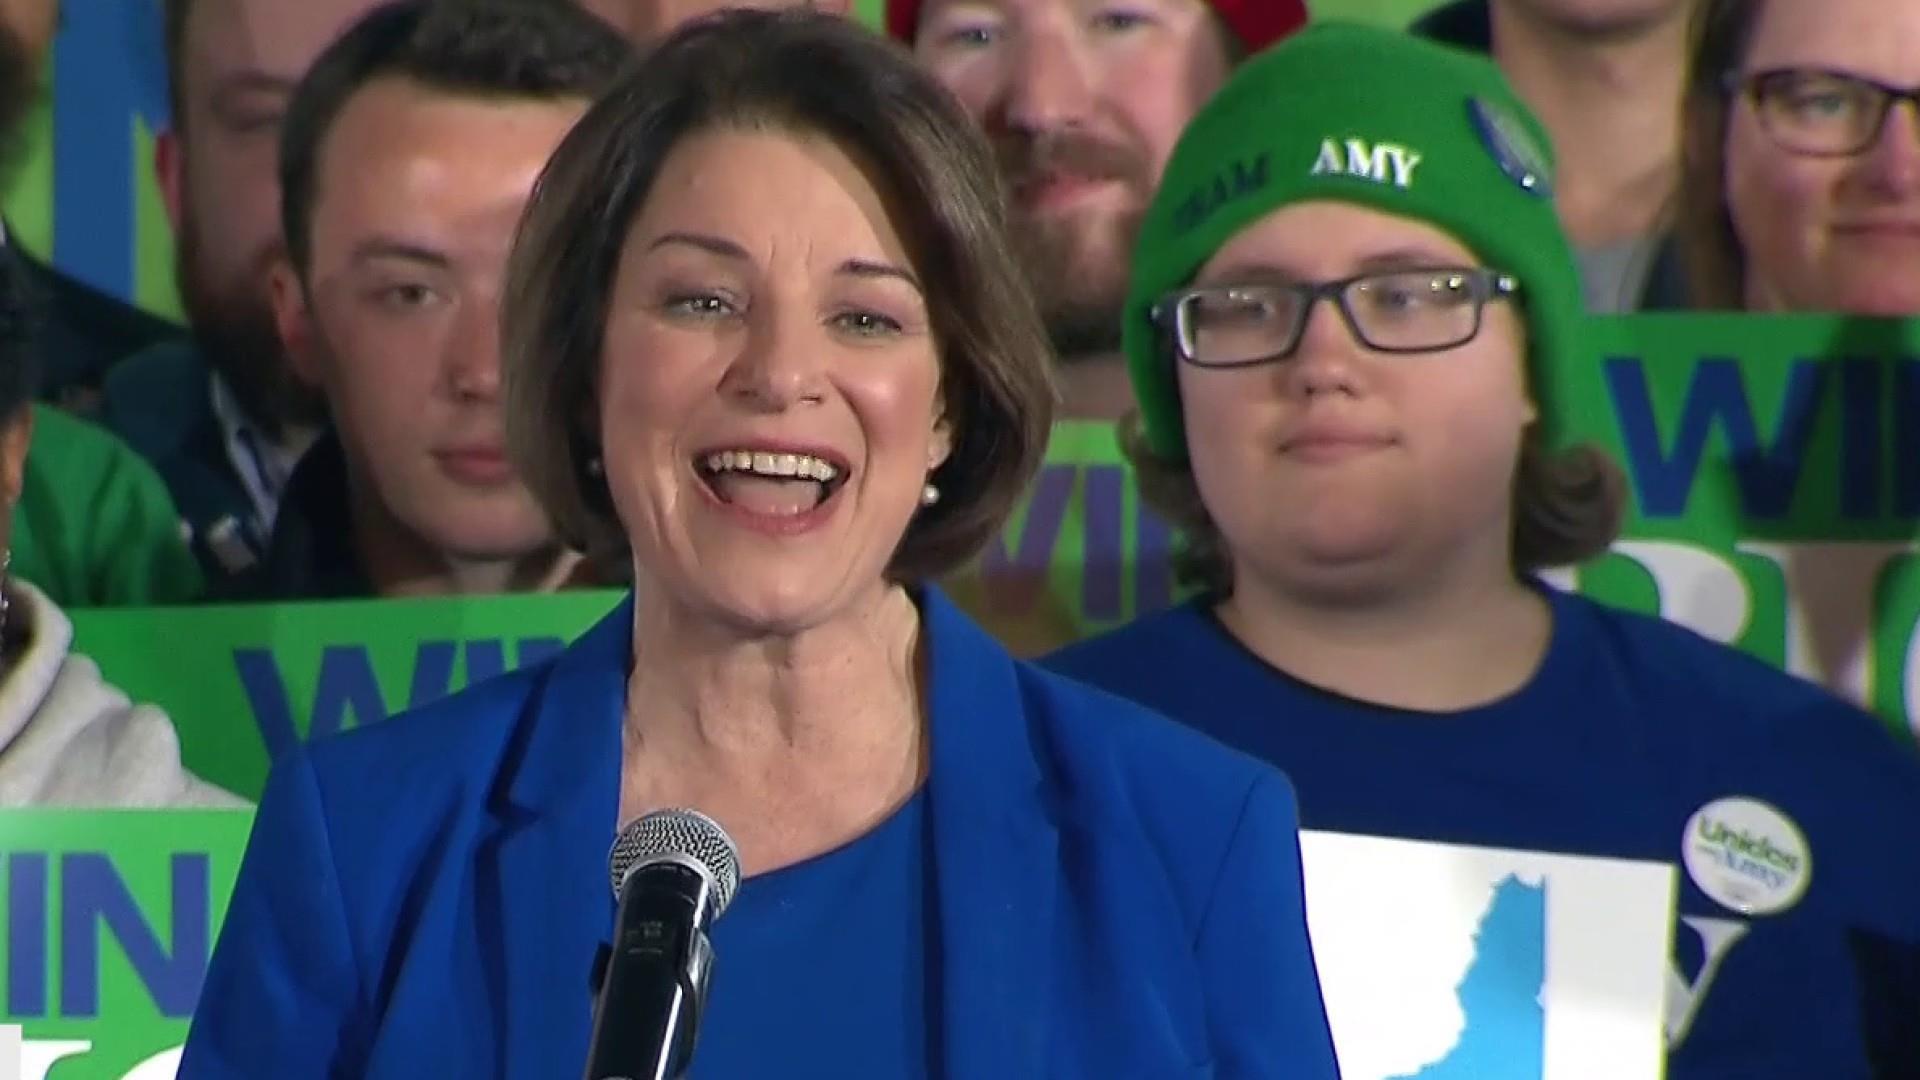 Klobuchar's bronze is gold as Democrats awaken to a scrambled field